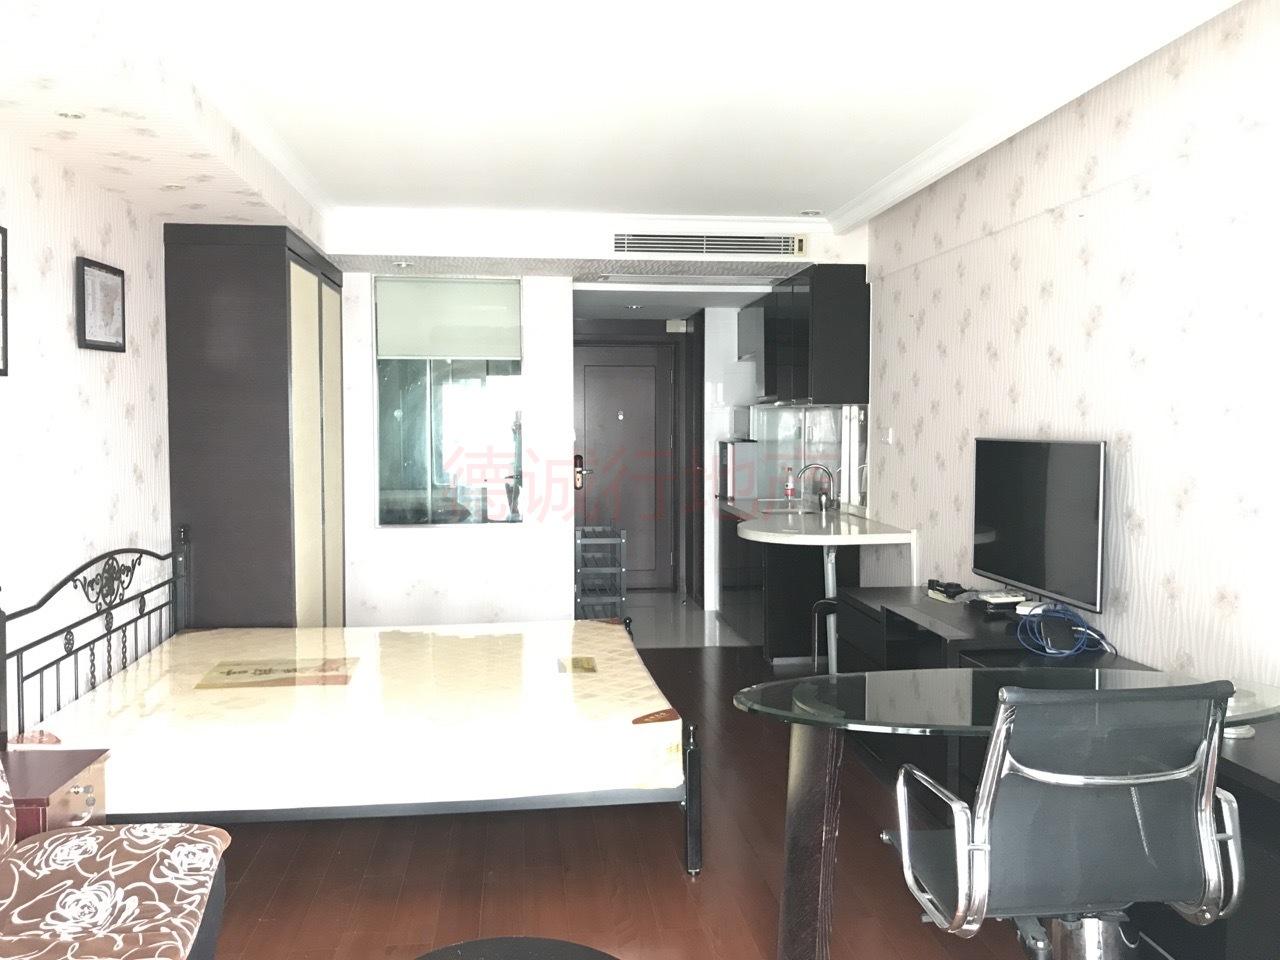 珠江新岸公寓 温馨舒适 交通便利